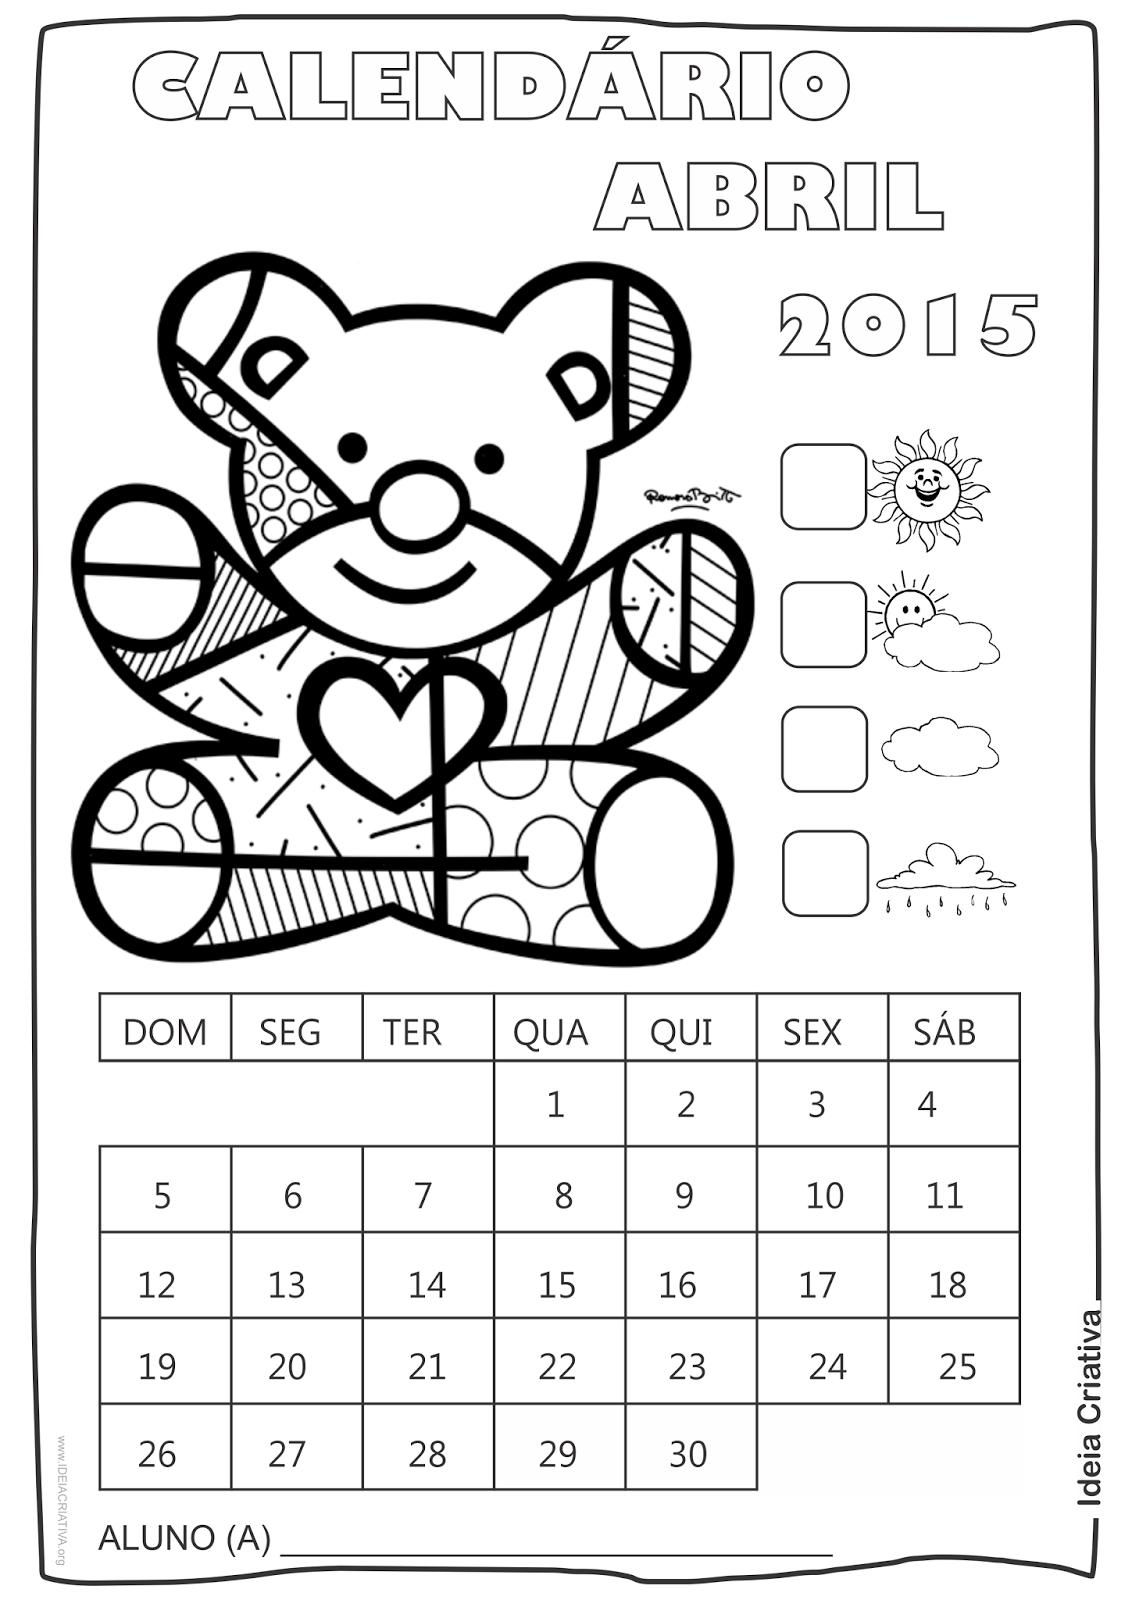 Calendário Abril 2015 com Desenho Ursinho de Romero Britto para Colorir